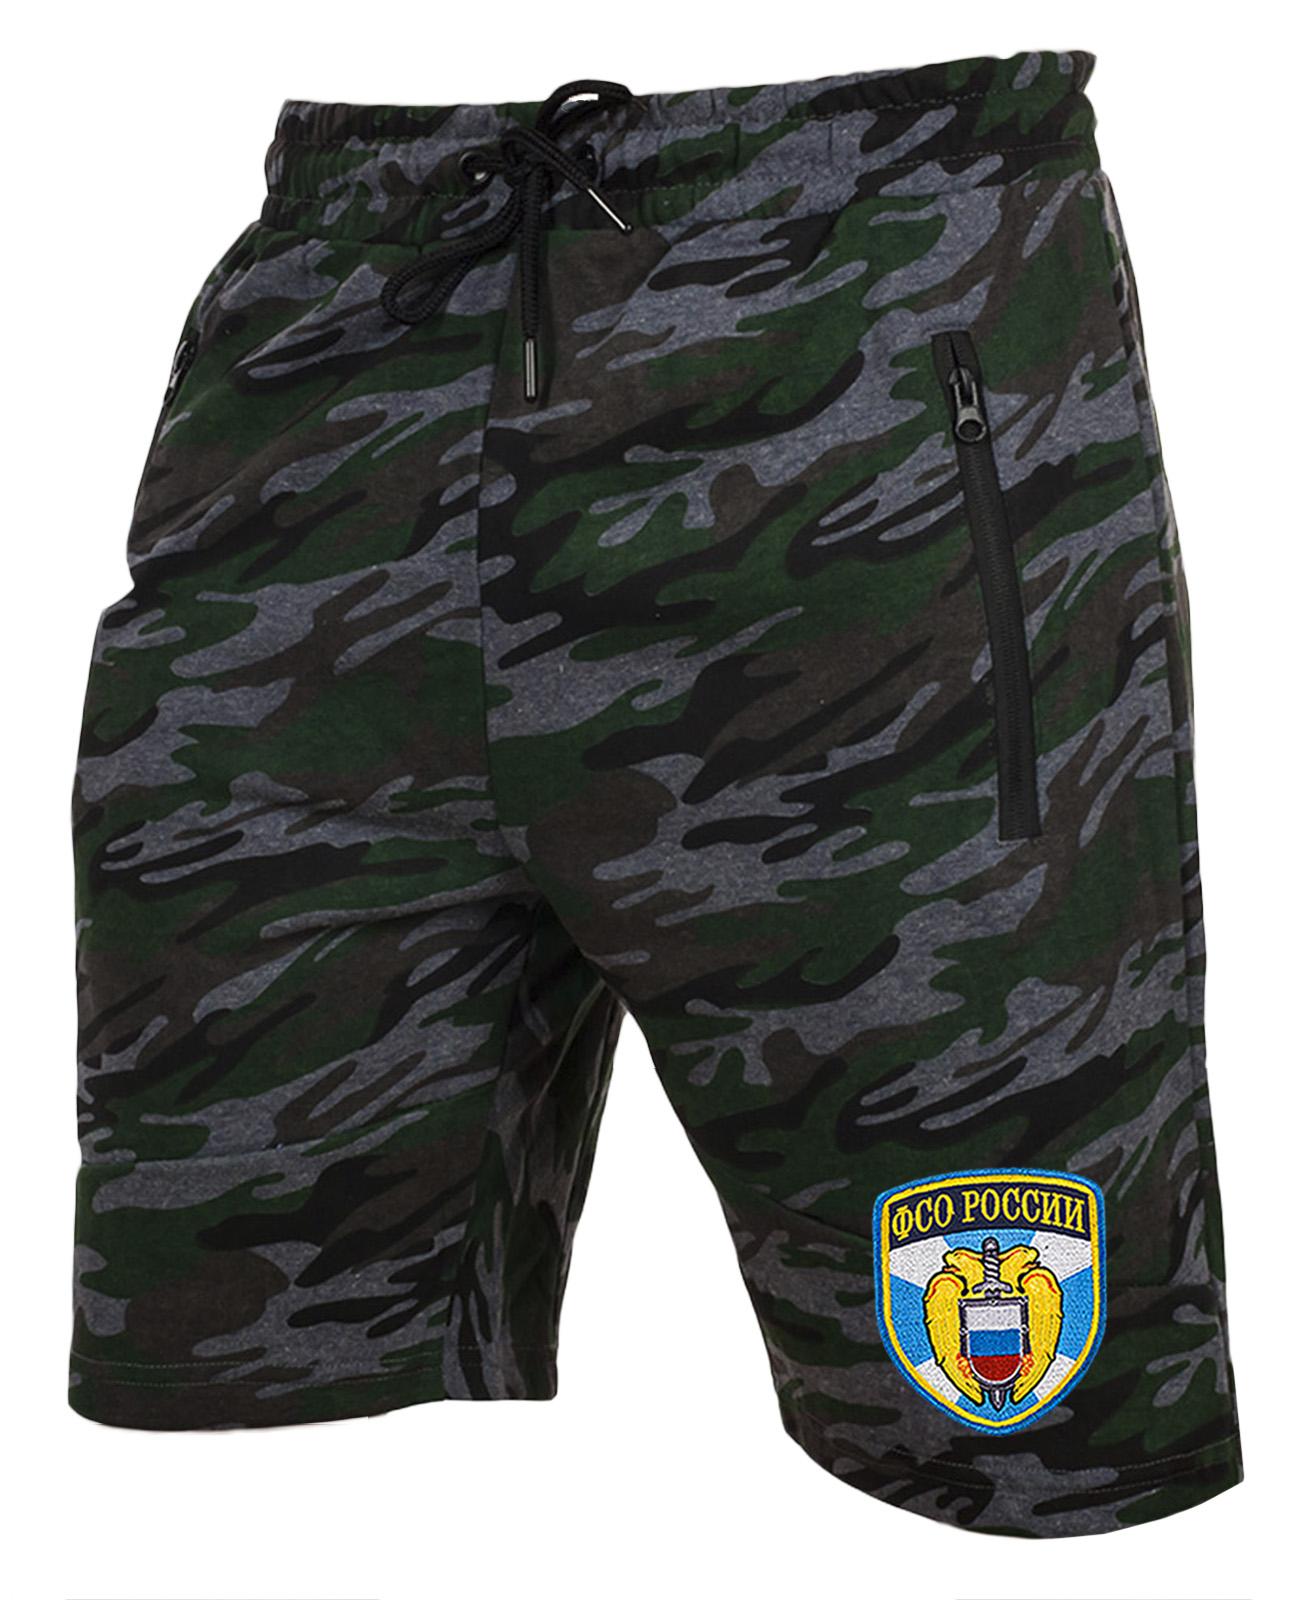 Удлиненные крутые шорты с нашивкой ФСО